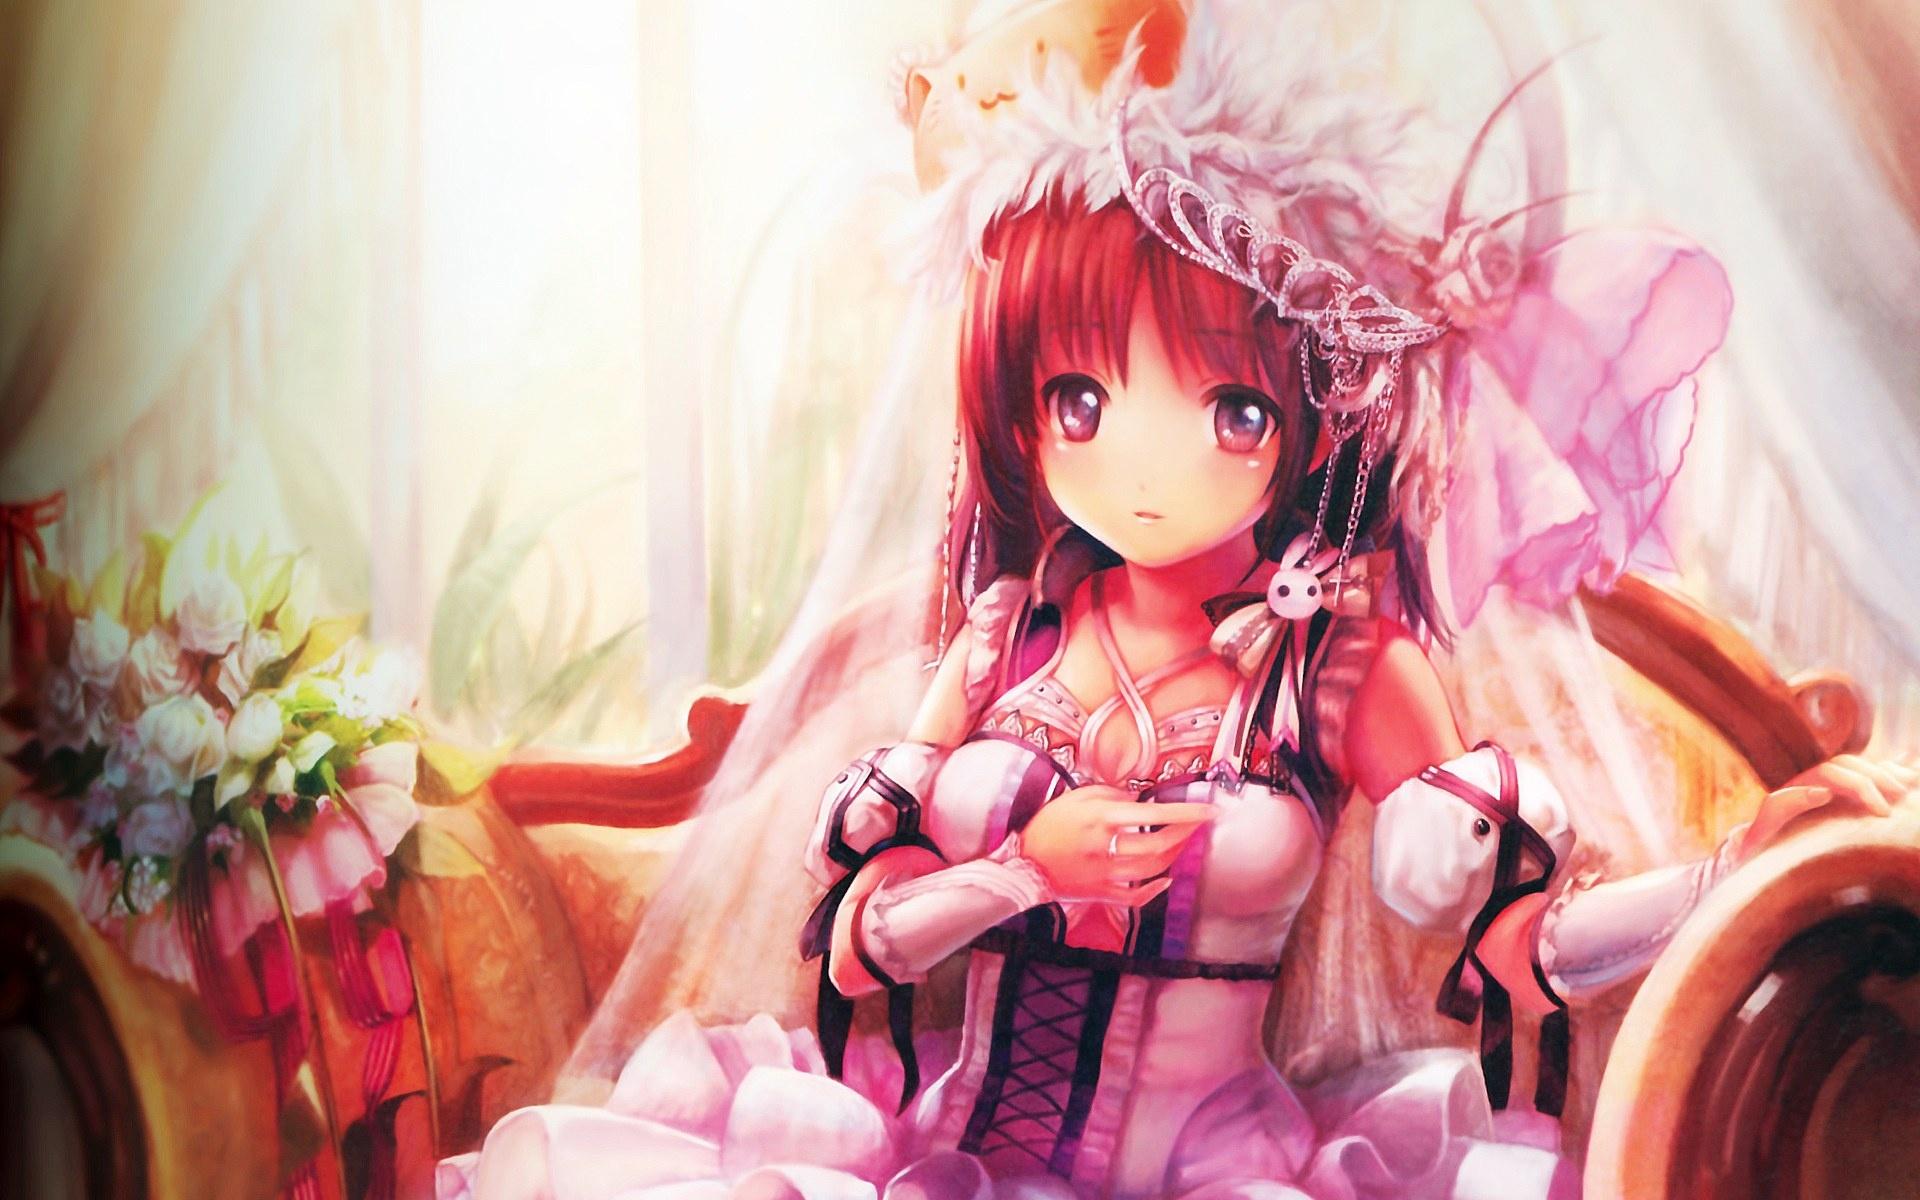 壁紙 かわいいアニメの女の子はドレスアップ 1920x1200 Hd 無料の